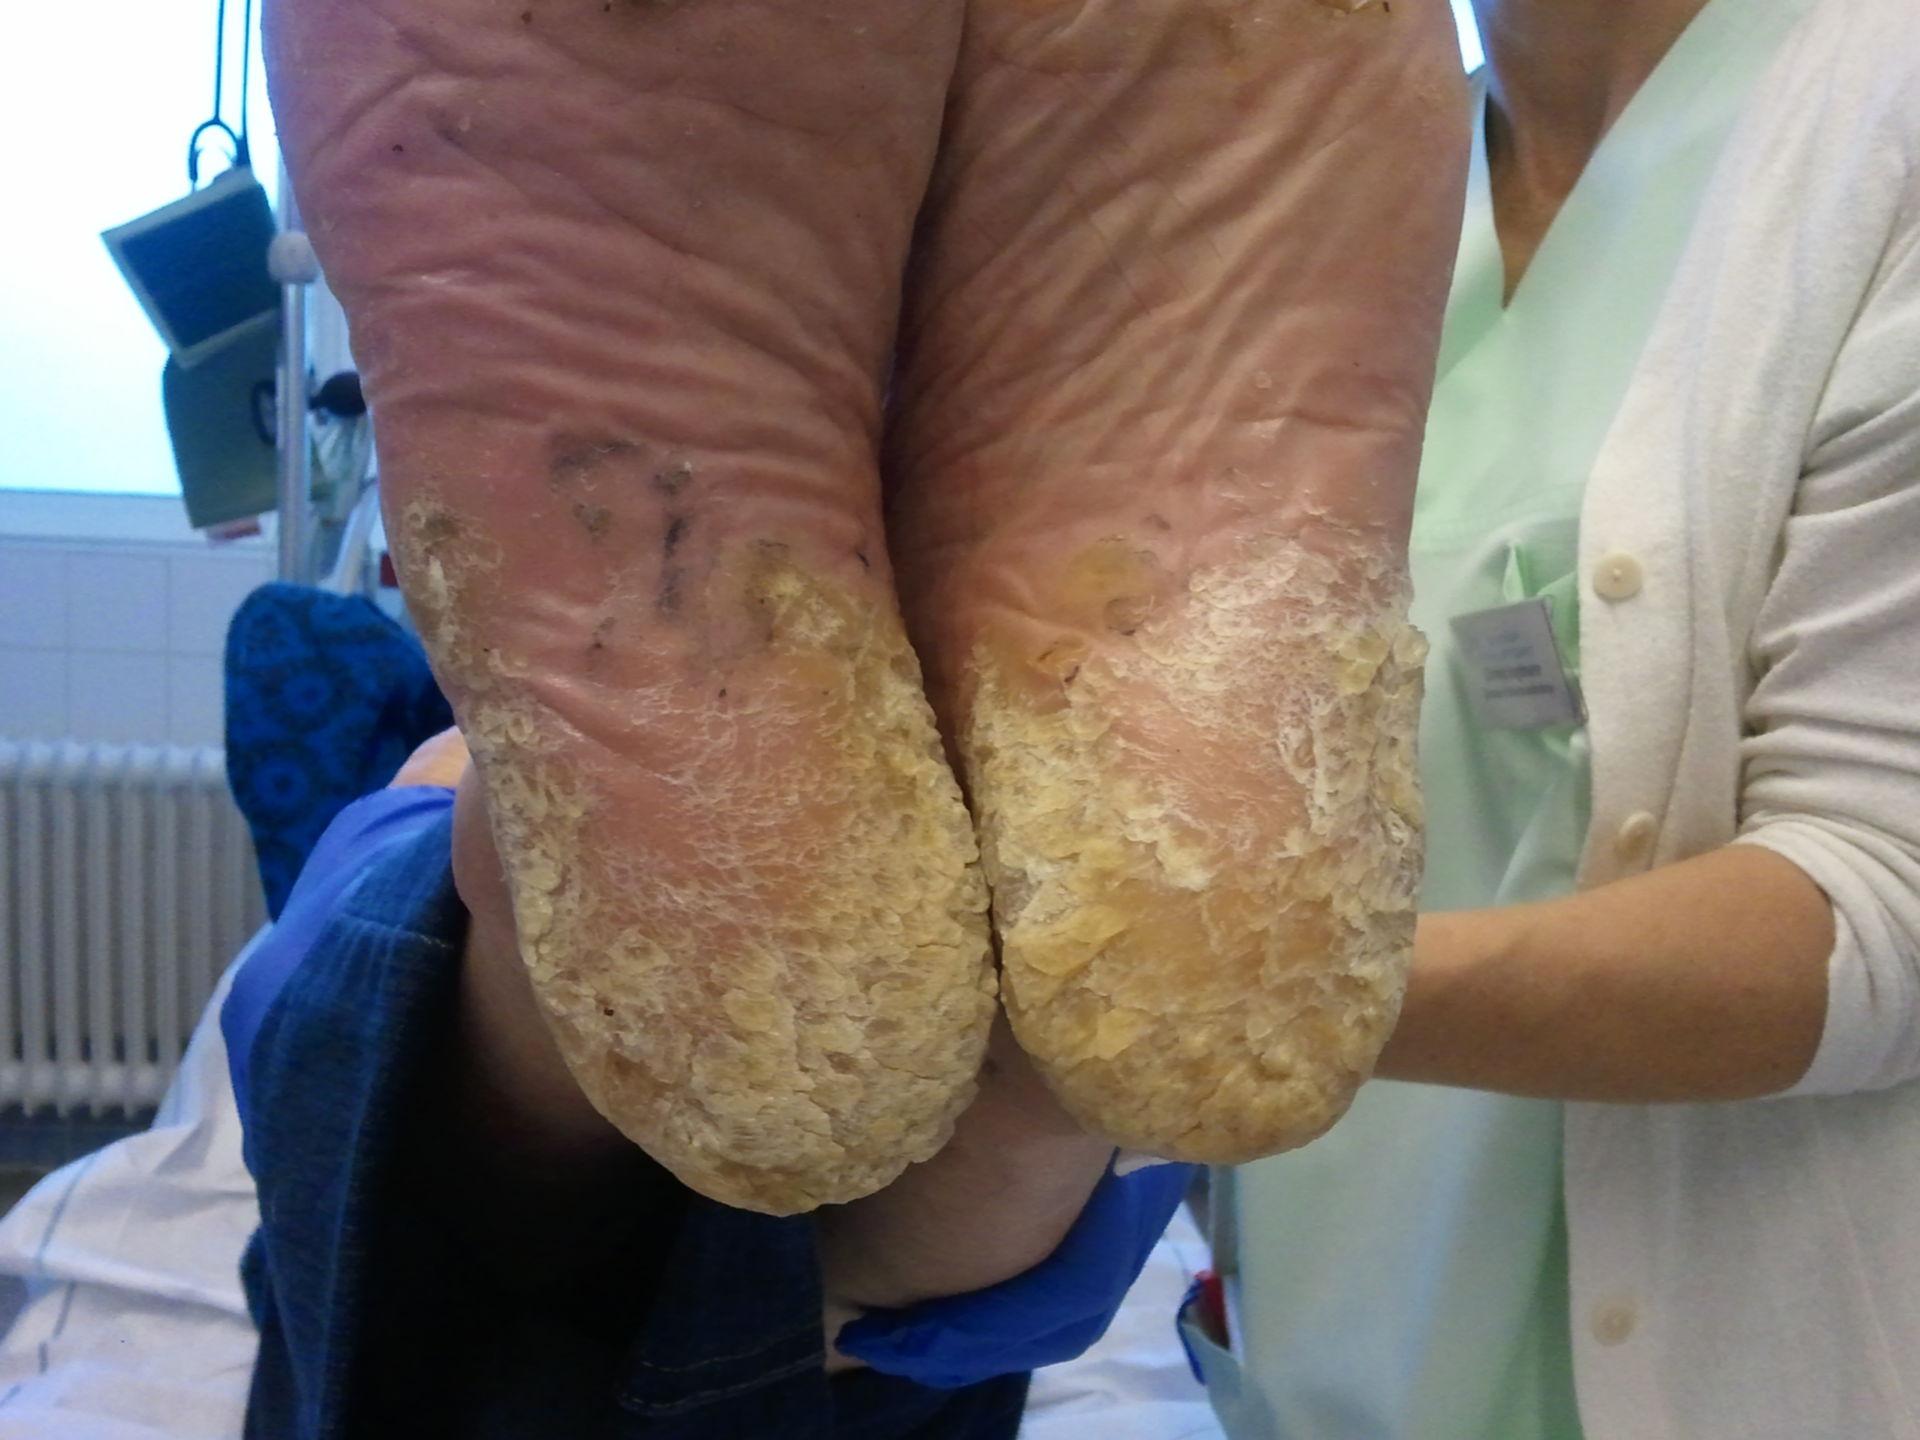 Hyperkeratose Fuß